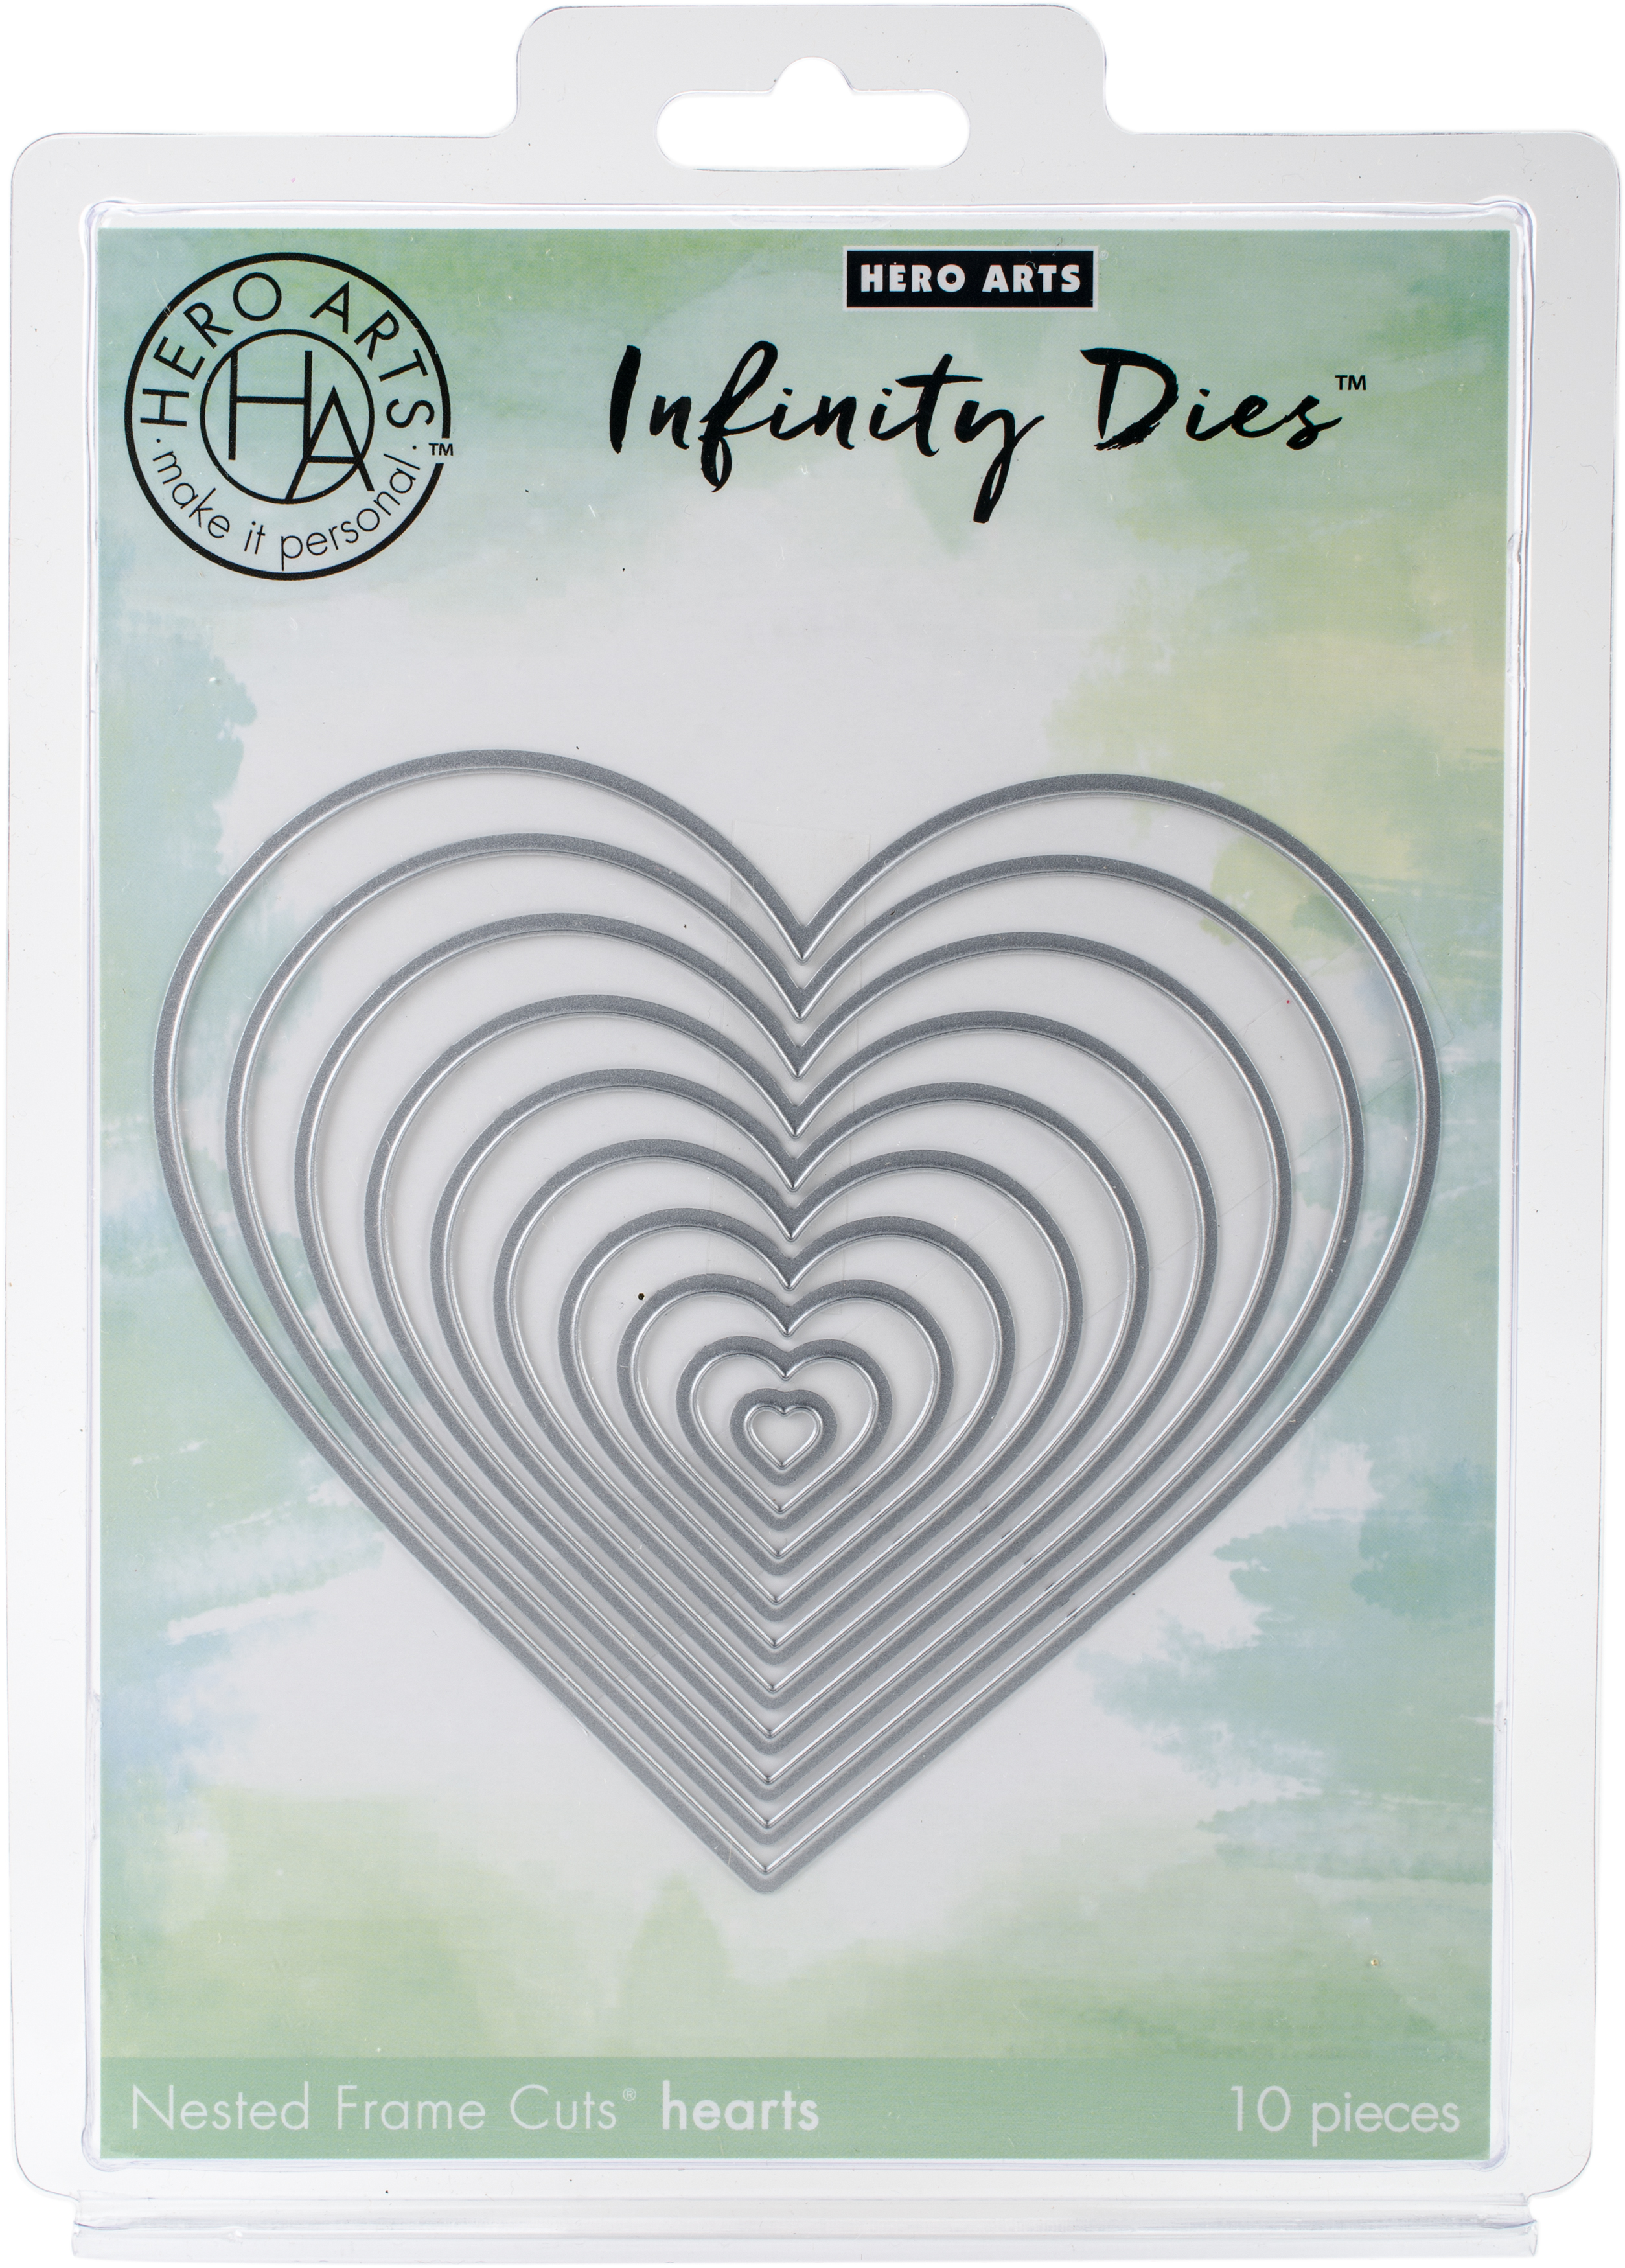 HEARTS    -INFINITY DIES